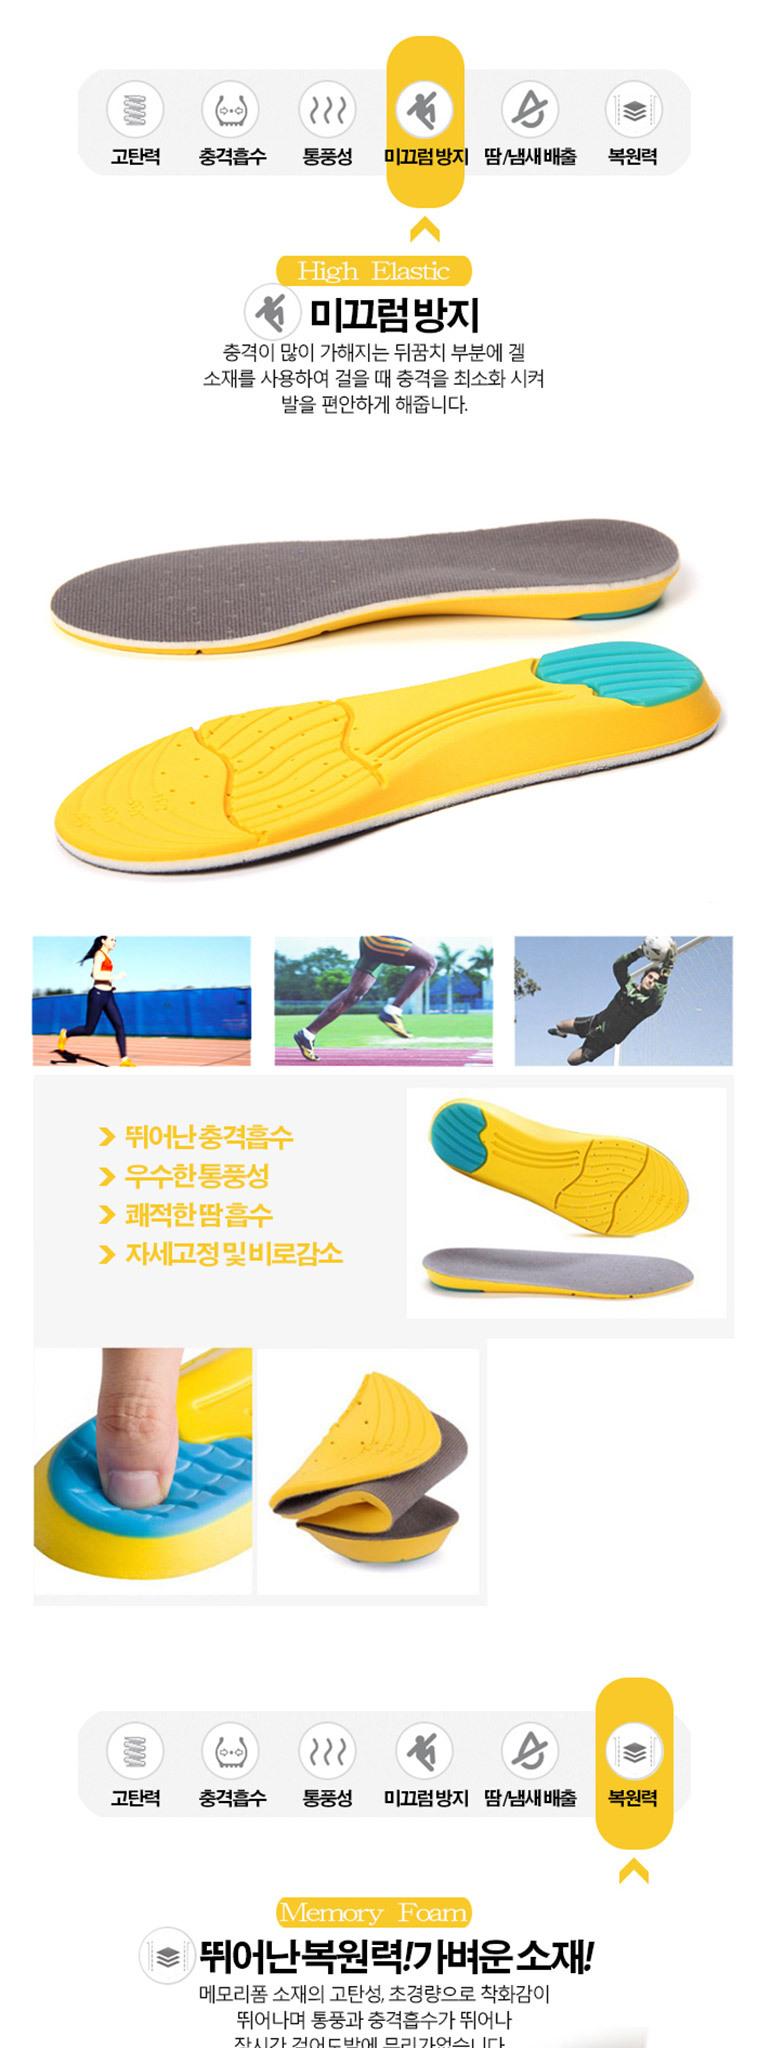 [명예의전당] 기능성 신발 쿠션깔창  - 상세정보